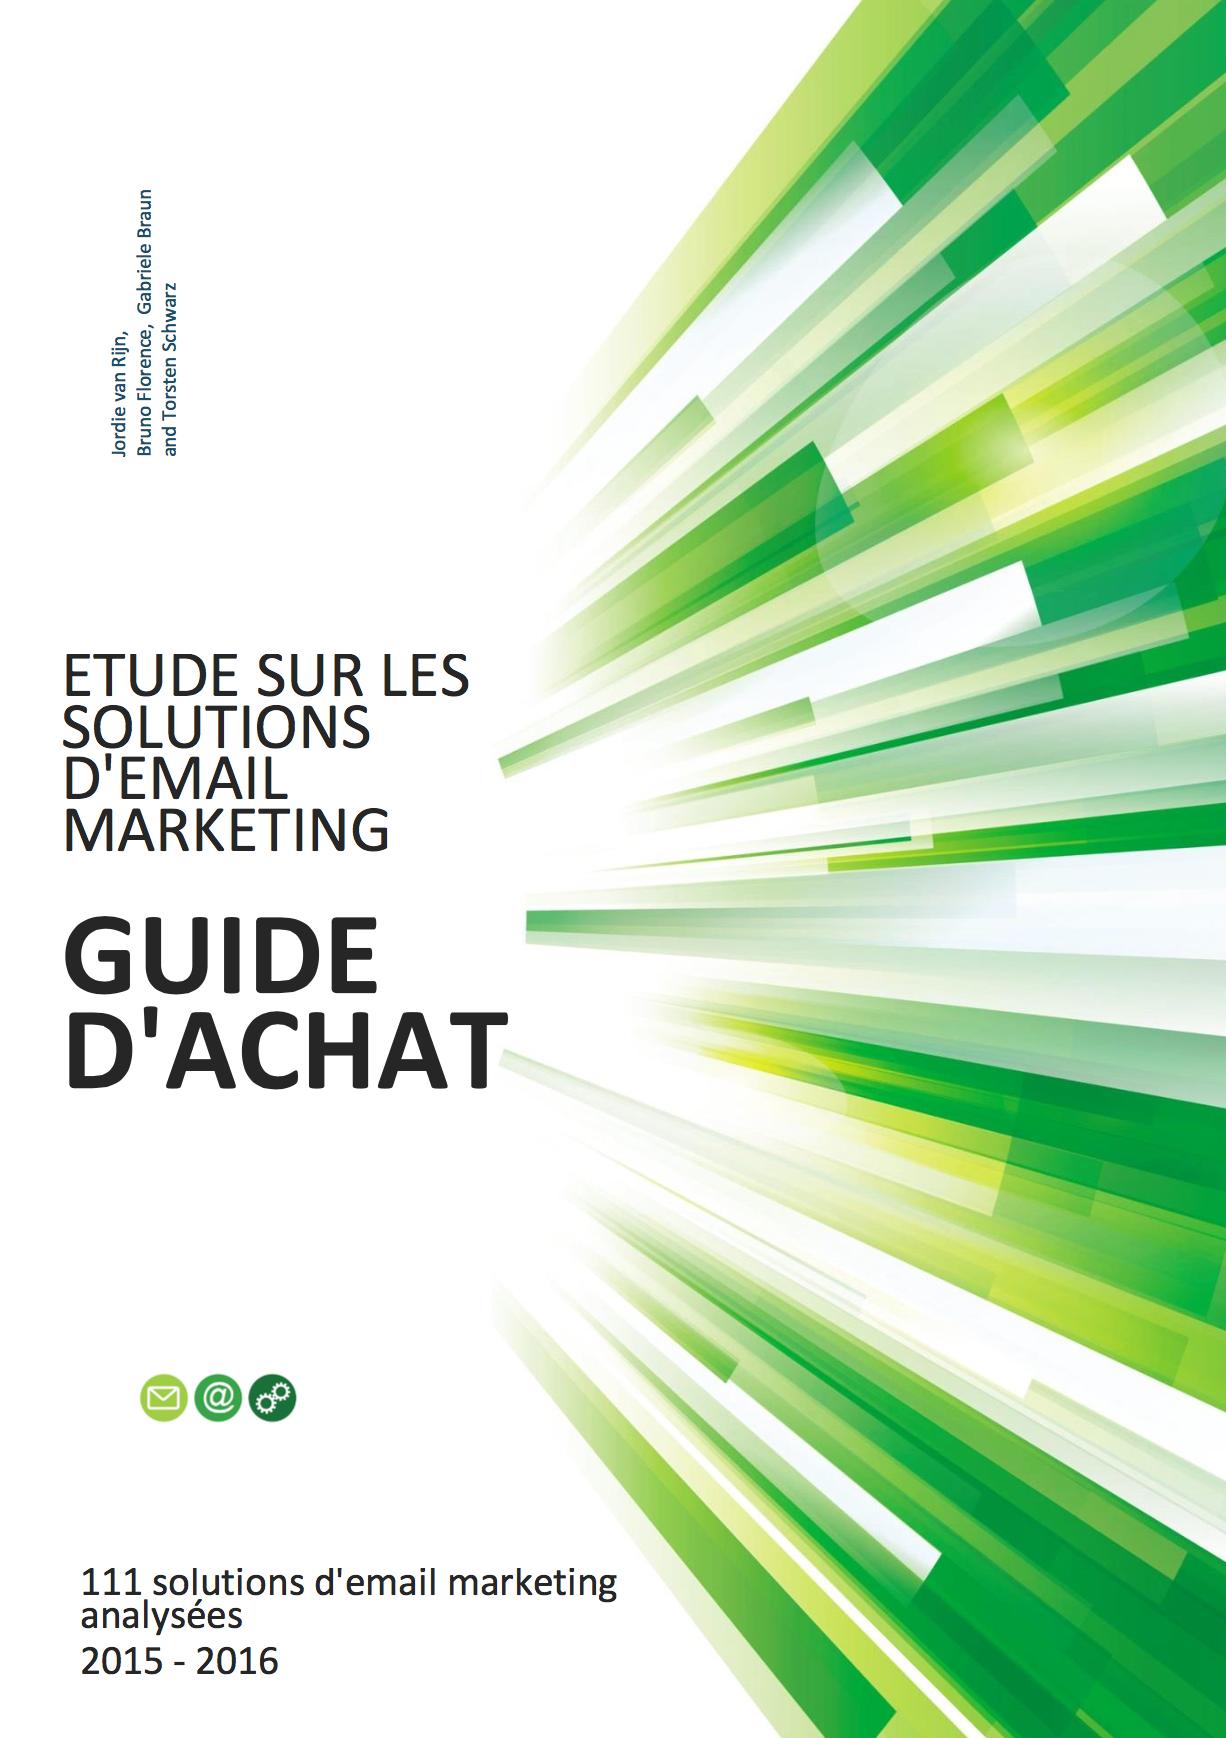 etude sur les solutions d'email marketing